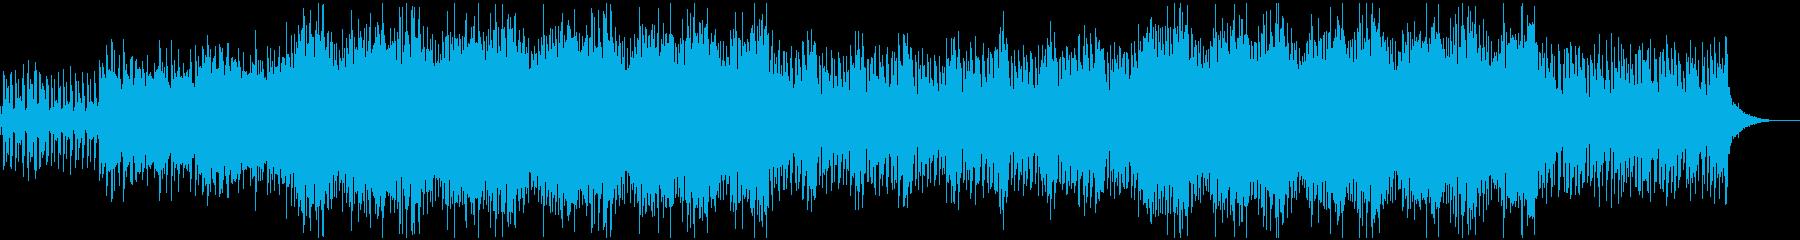 悲しげなミステリアスで神秘的なBGMの再生済みの波形